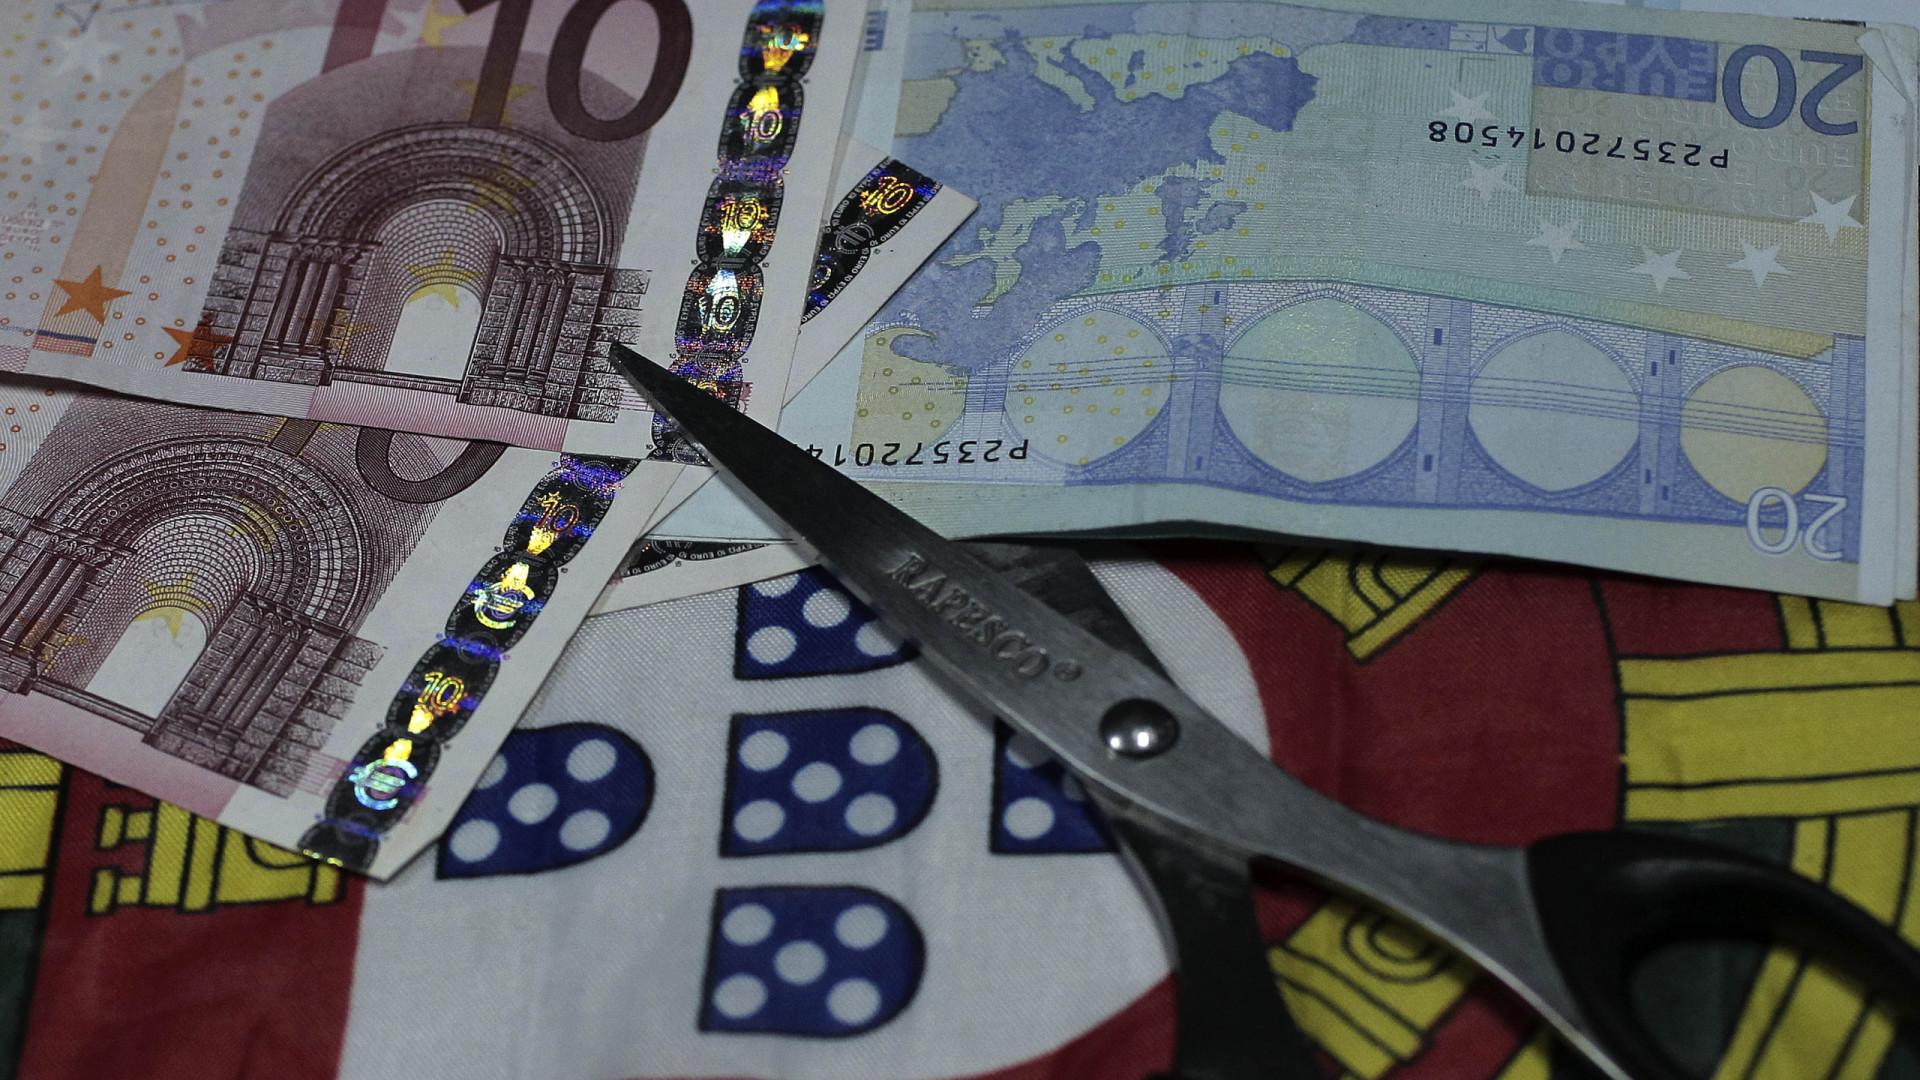 Mais de 1.300 milhões de euros transferidos de Portugal para o Panamá